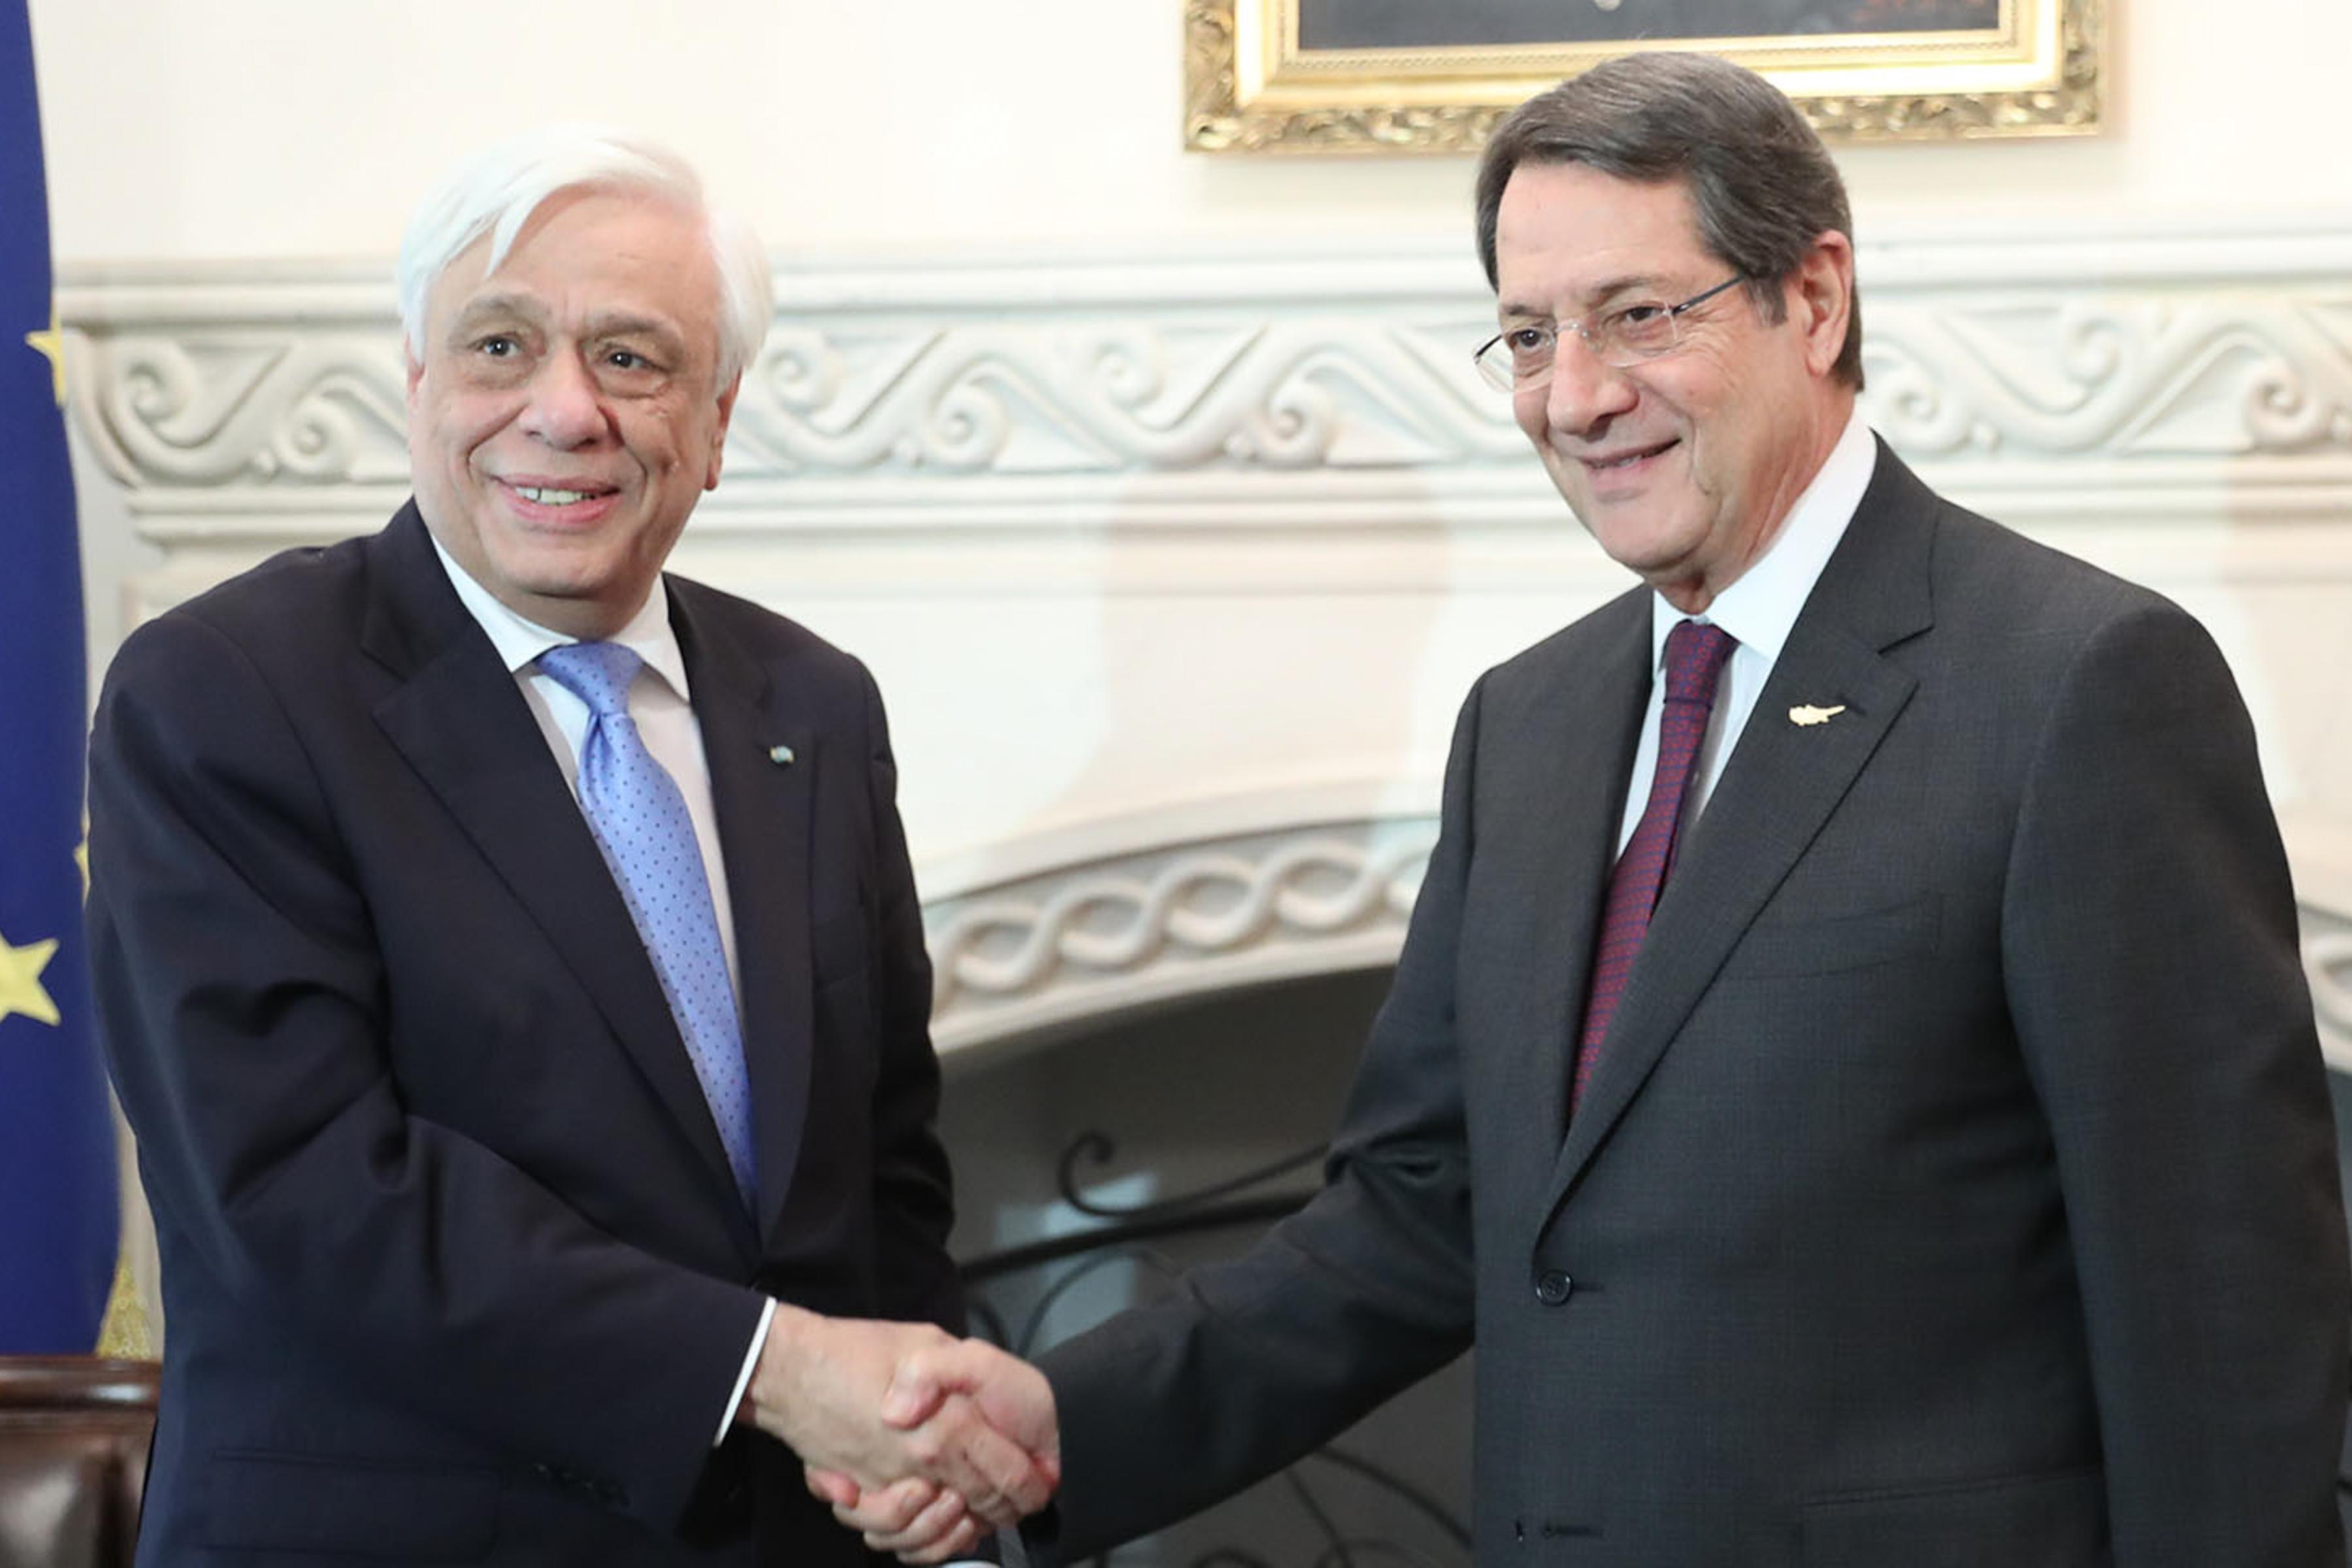 Επικοινωνία Παυλόπουλου – Αναστασιάδη για τις εξελίξεις στο Κυπριακό